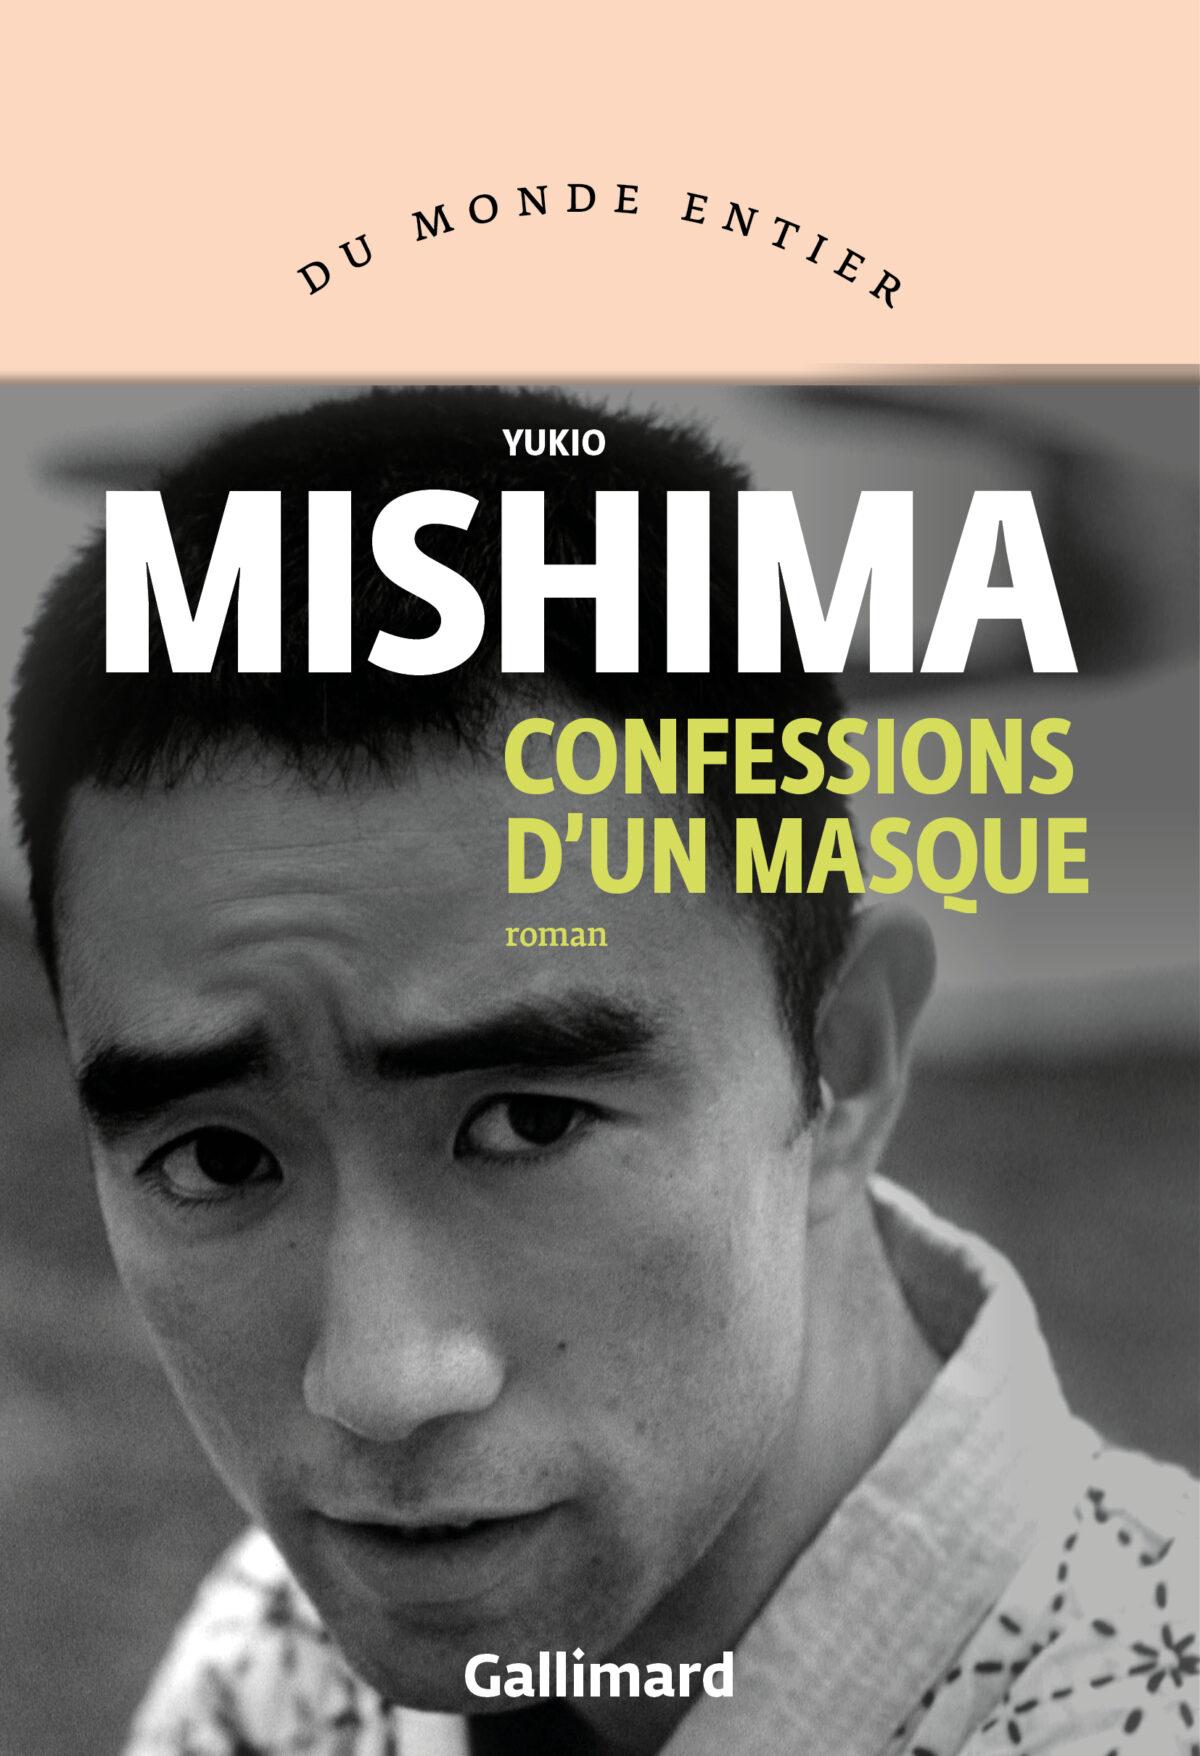 Confessions d'un masque de YUKIO MISHIMA